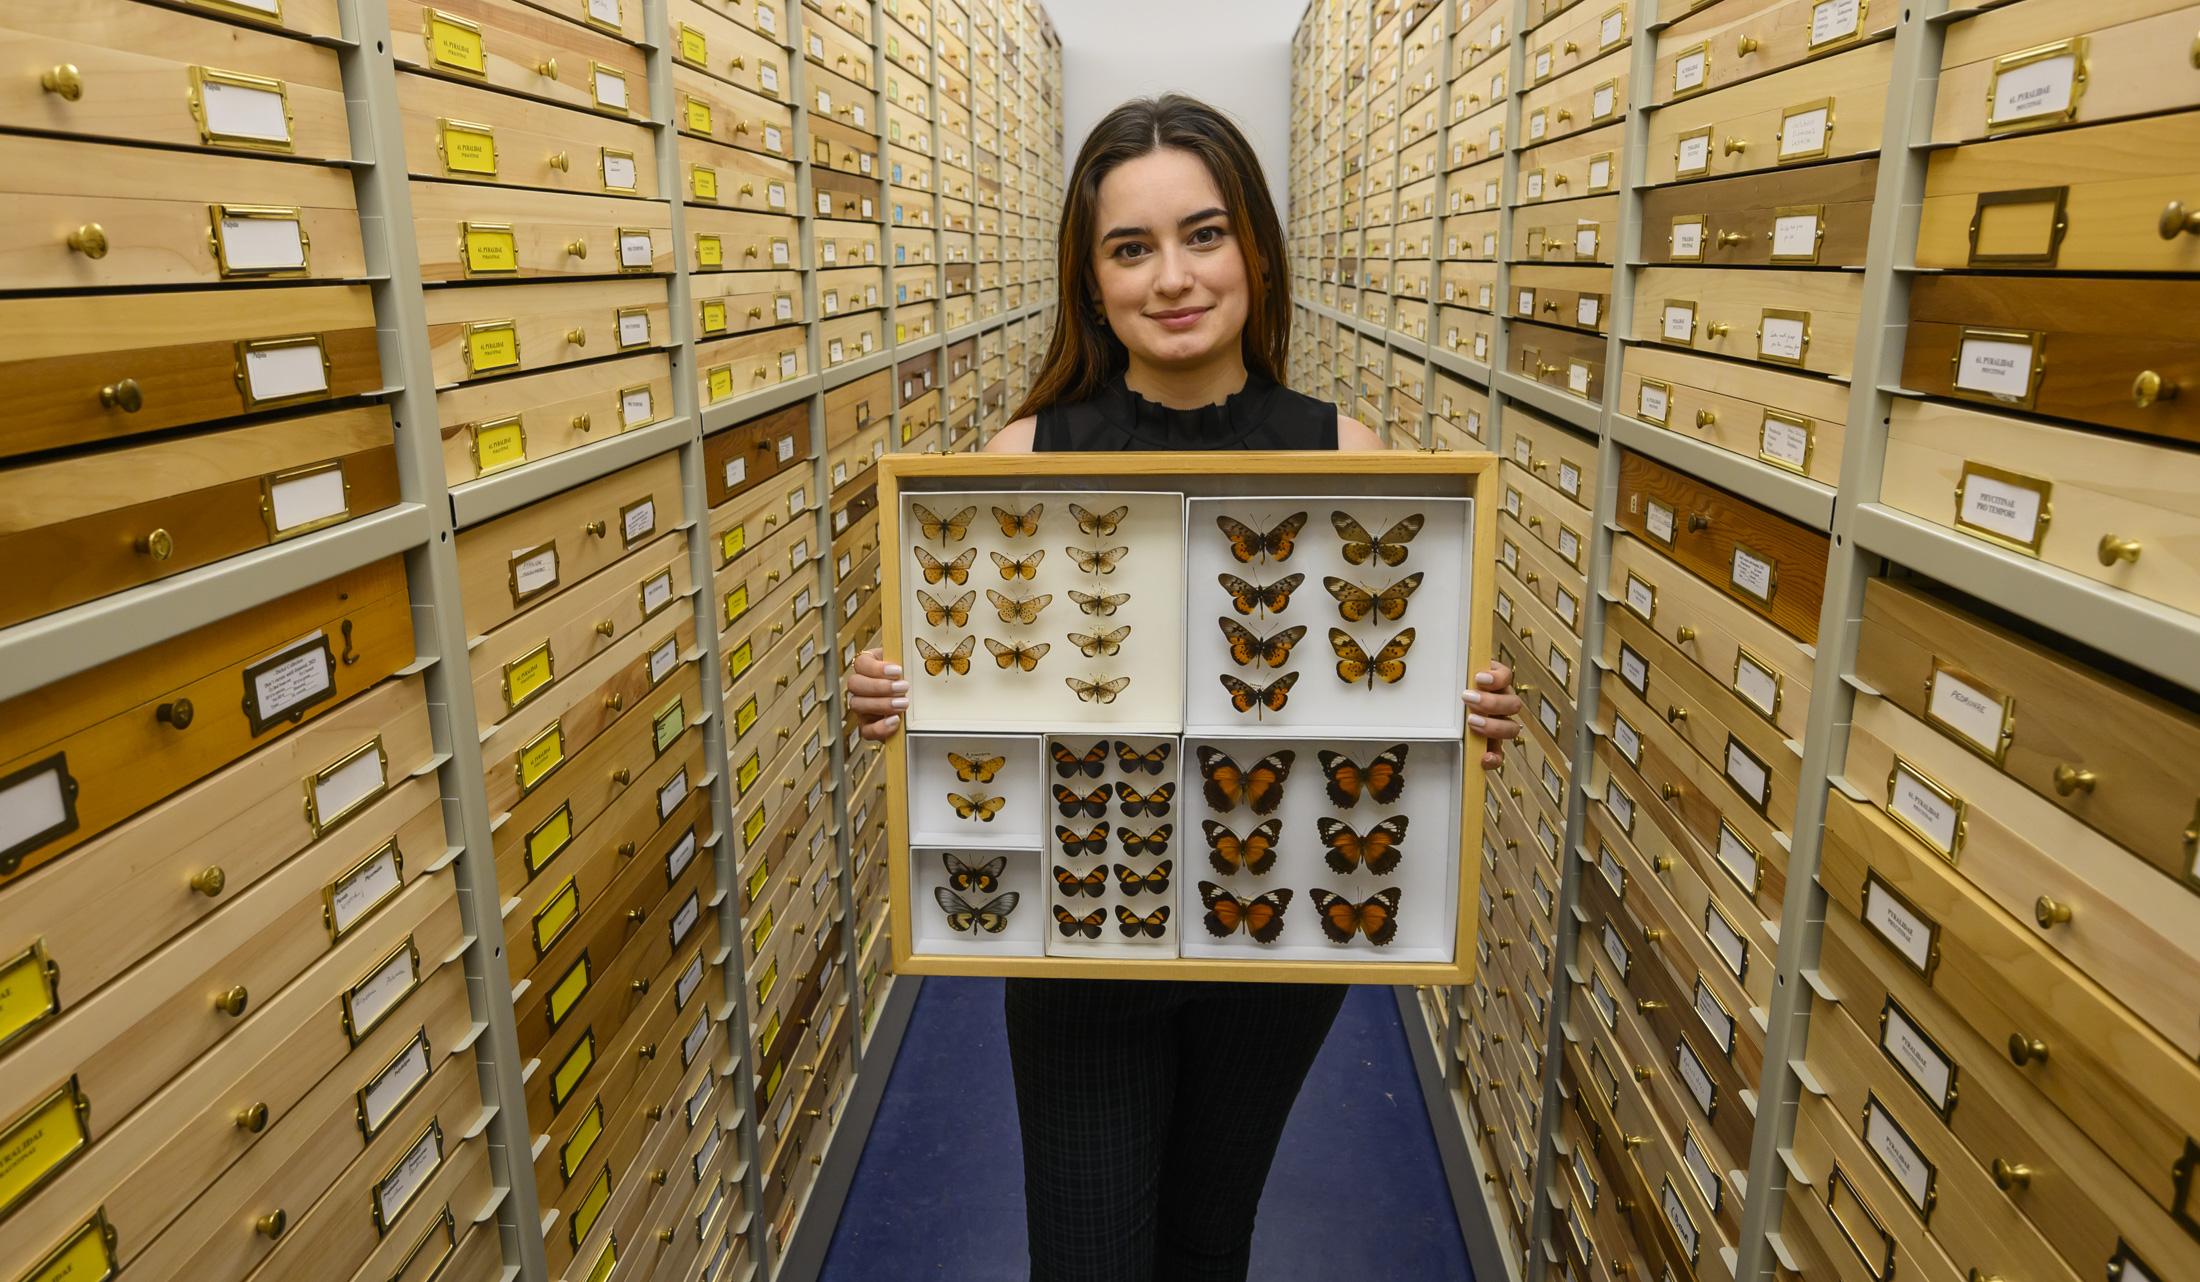 Ана Паула иколлекция бабочек.